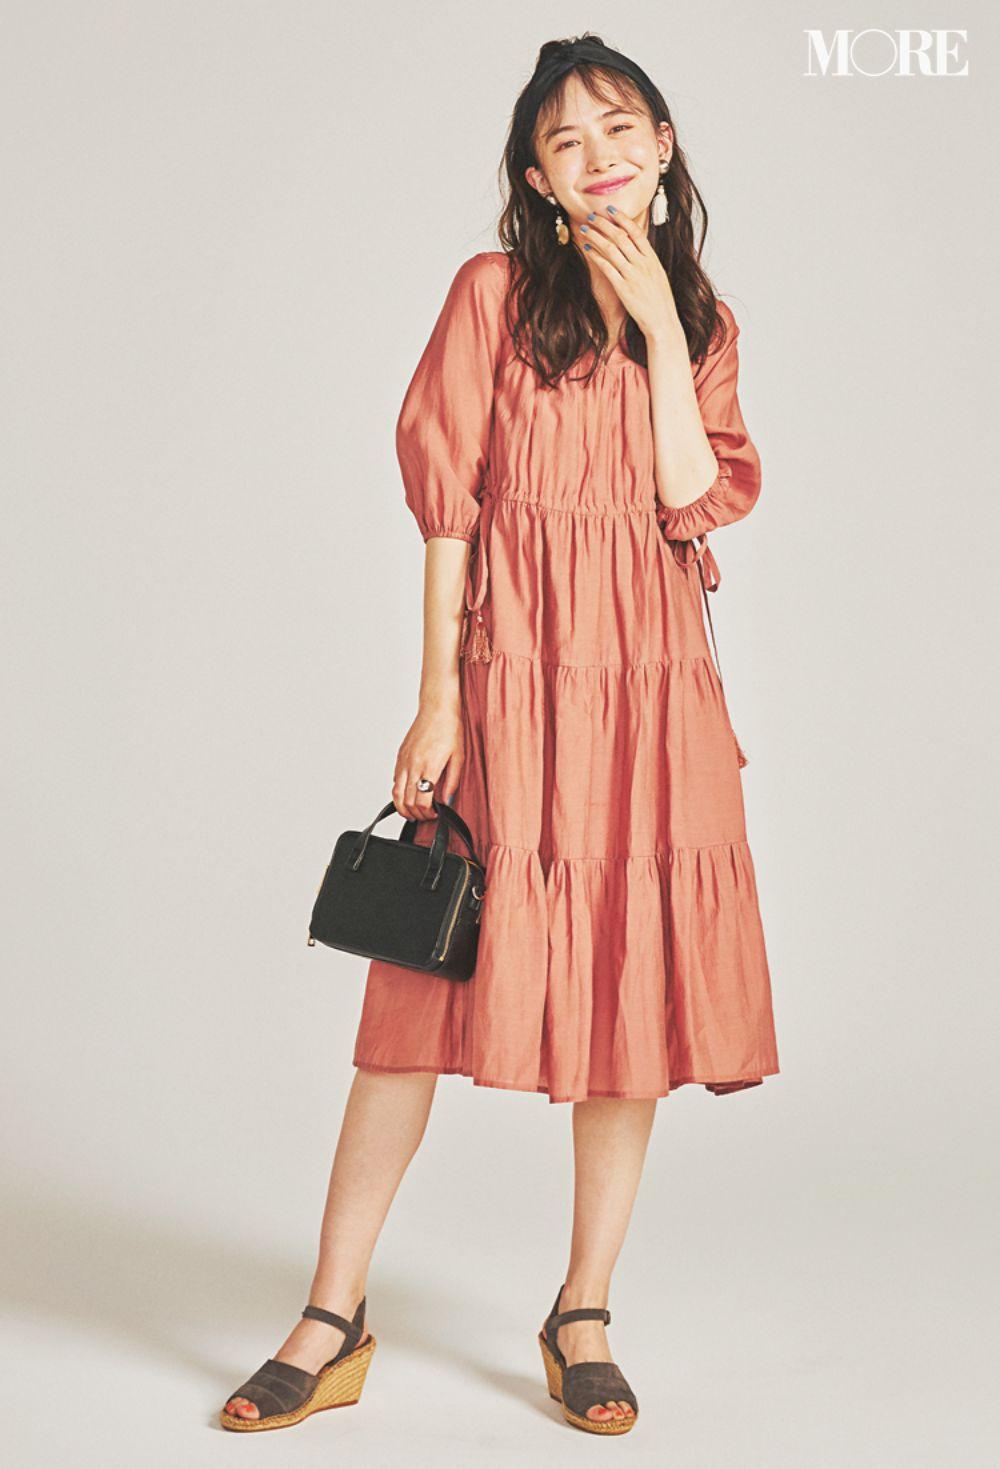 大人かわいいプチプラファッション特集《2019夏》 - 20代後半女子におすすめのきれいめコーデまとめ_16